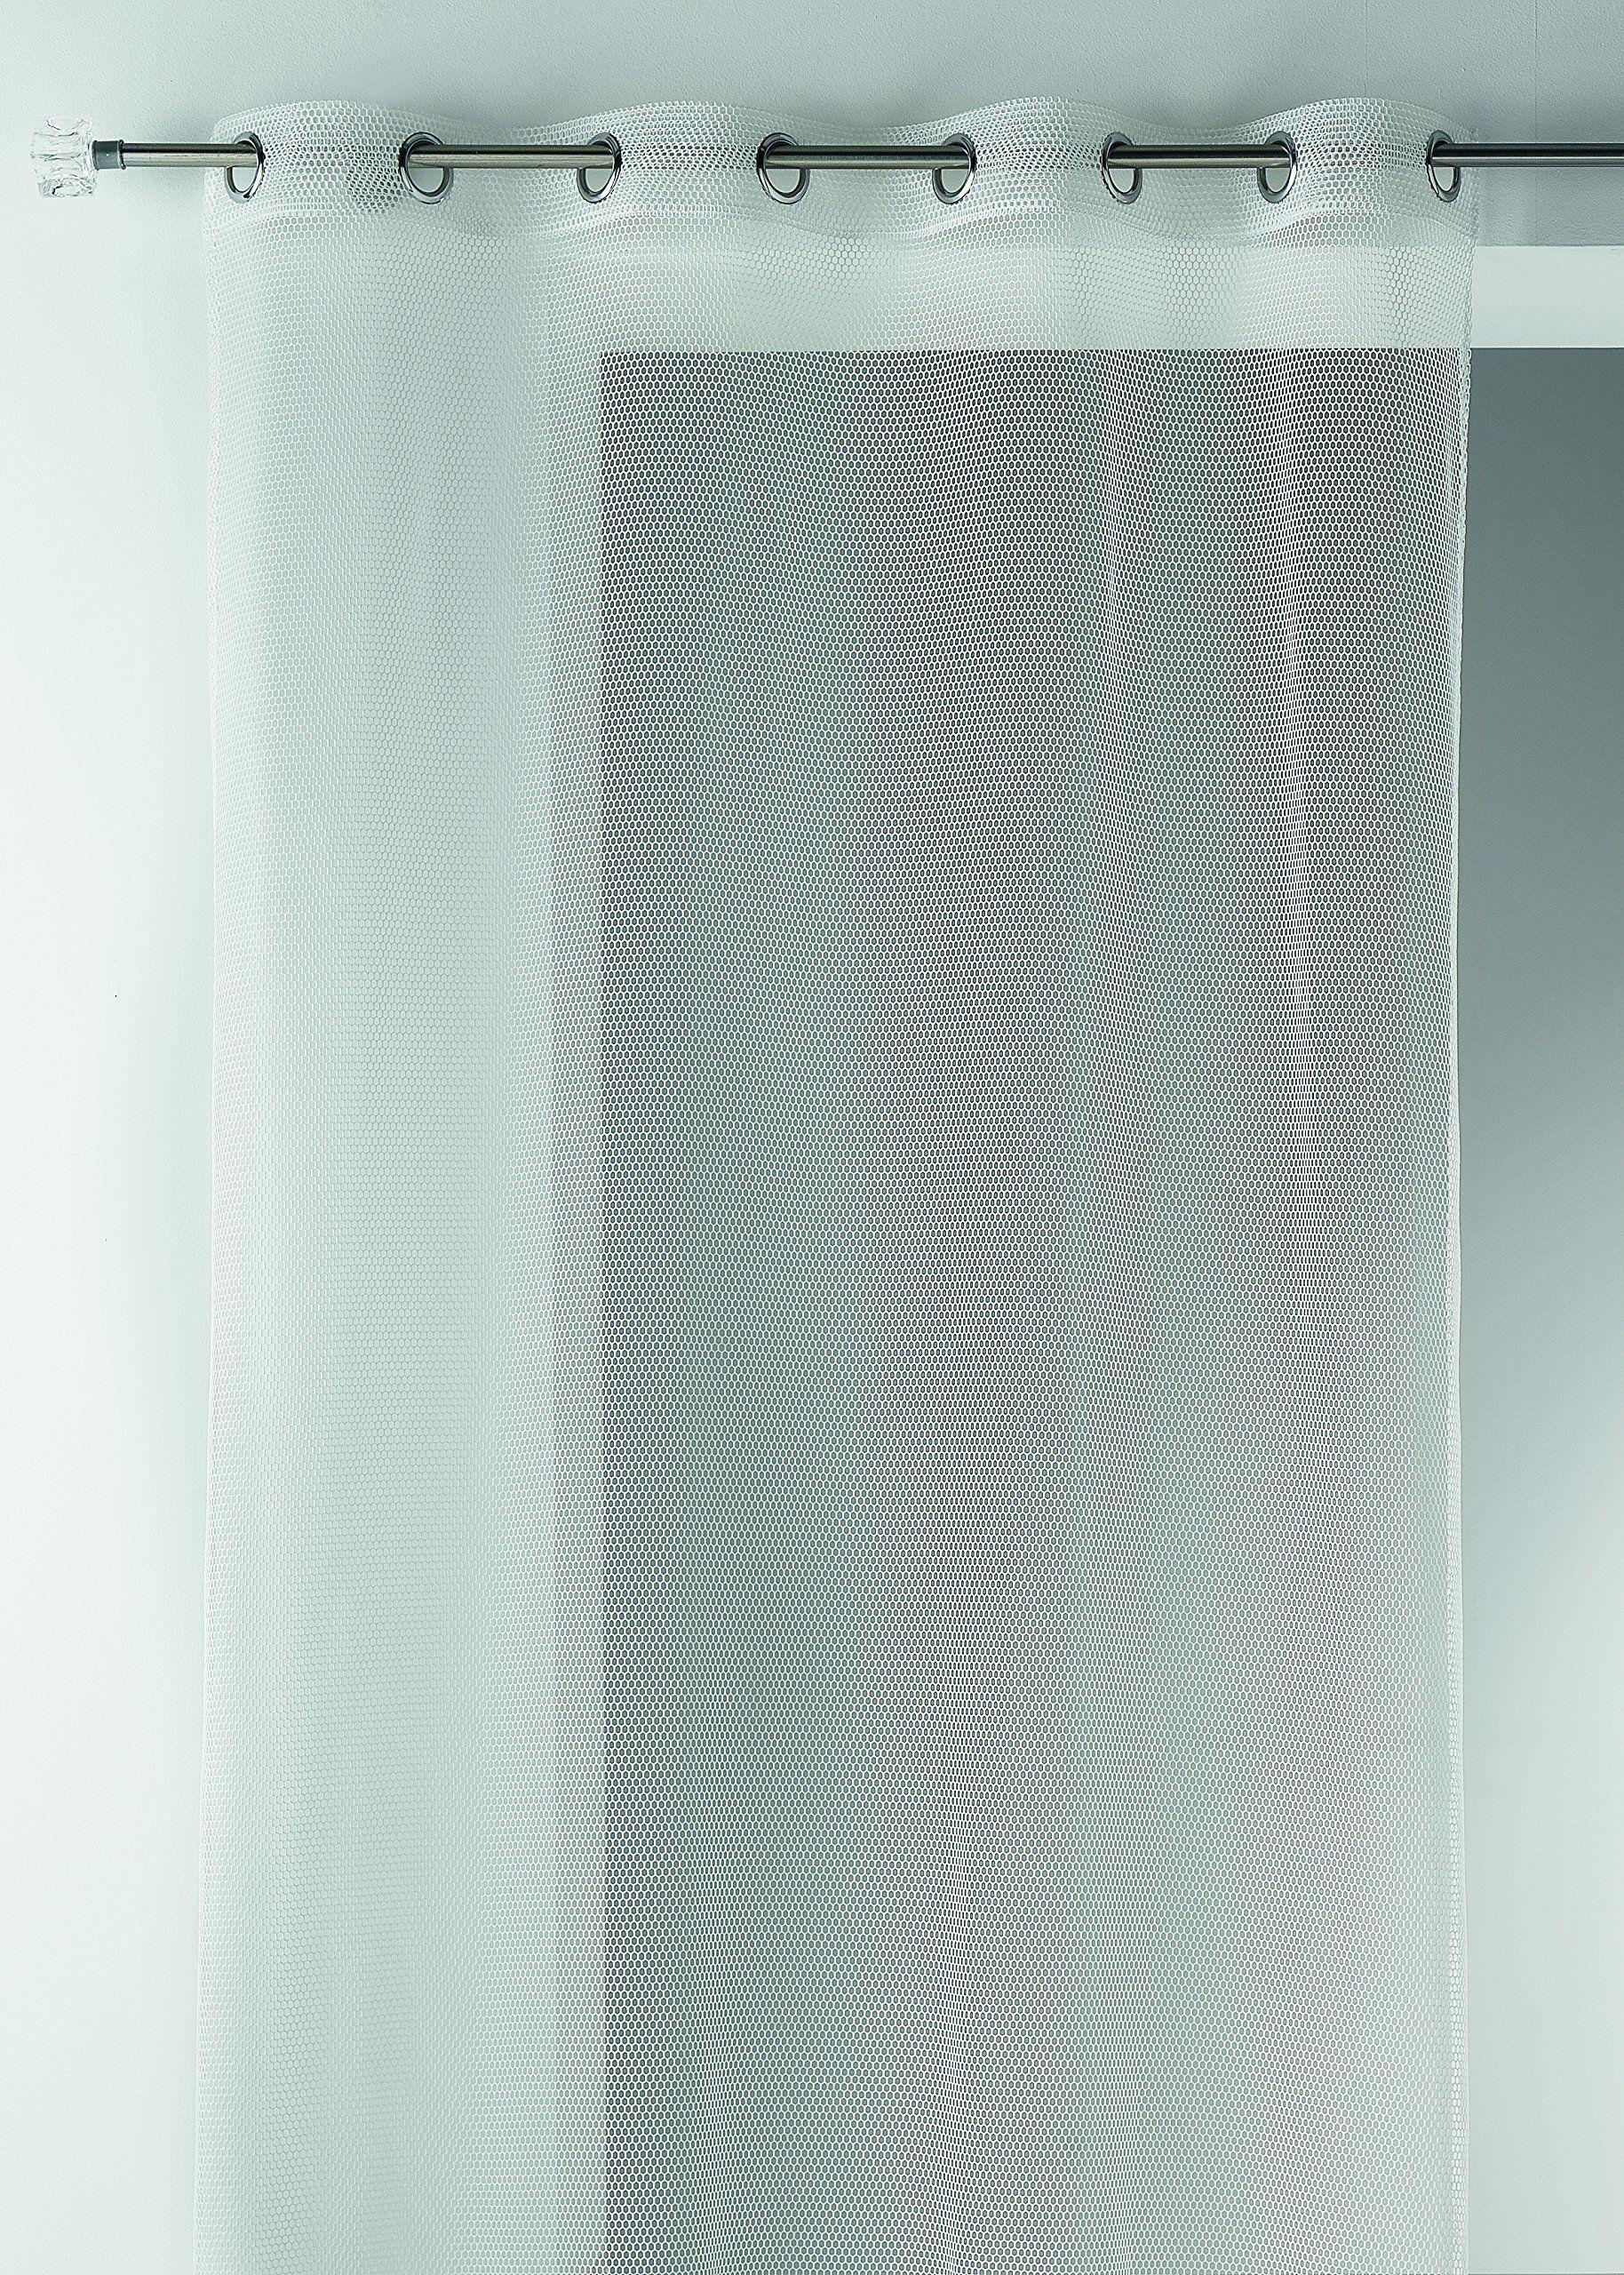 Home Maison HM6909302 firanki z siatki Mesh, z poliestru, 140 x 260 cm, w kolorze kości słoniowej